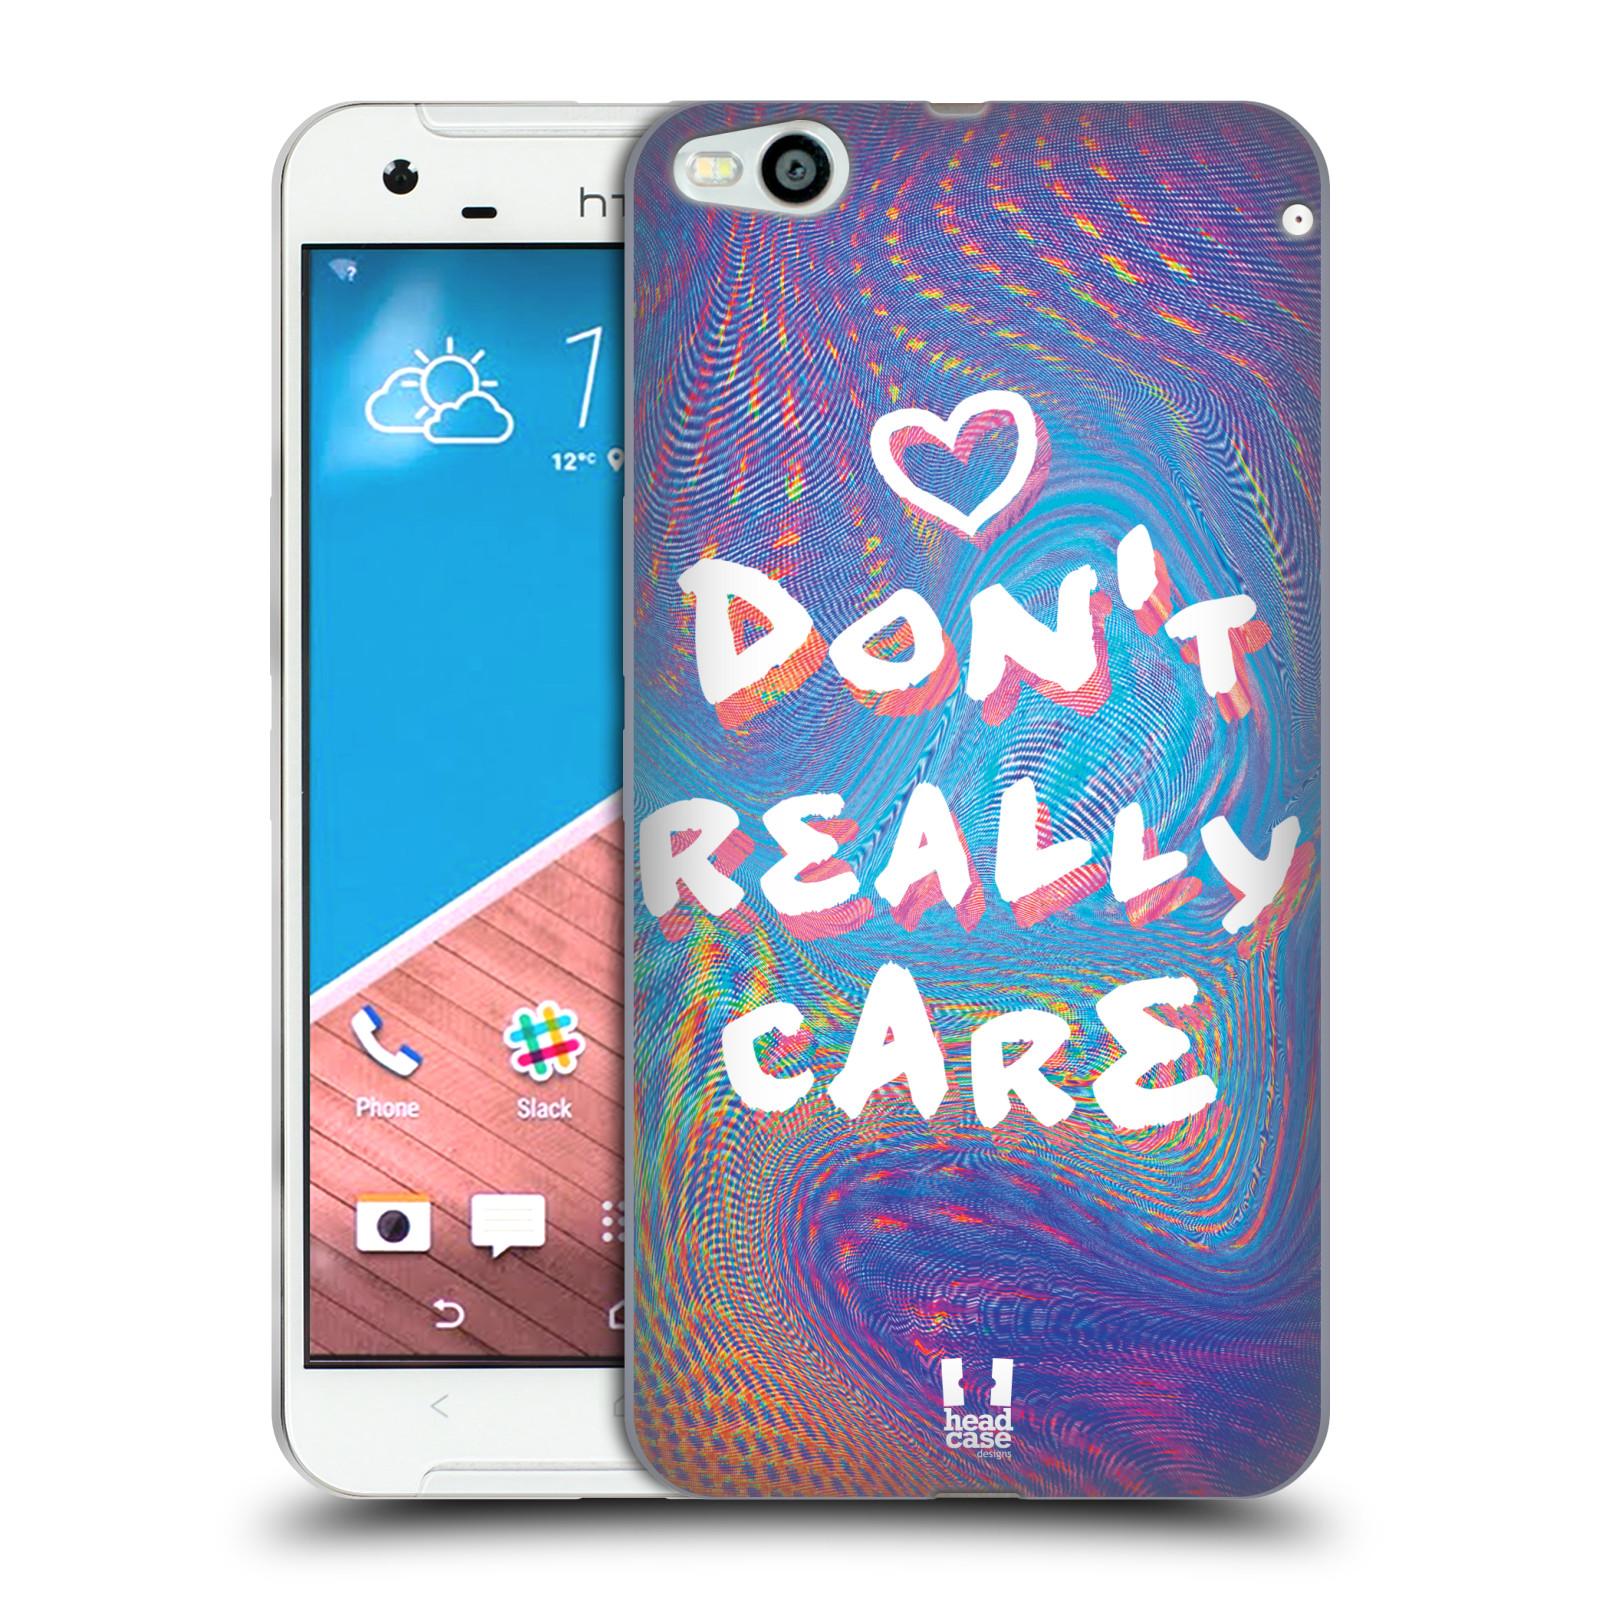 Silikonové pouzdro na mobil HTC One X9 HEAD CASE HOLOGRAF DON'T CARE (Silikonový kryt či obal na mobilní telefon HTC One X9)